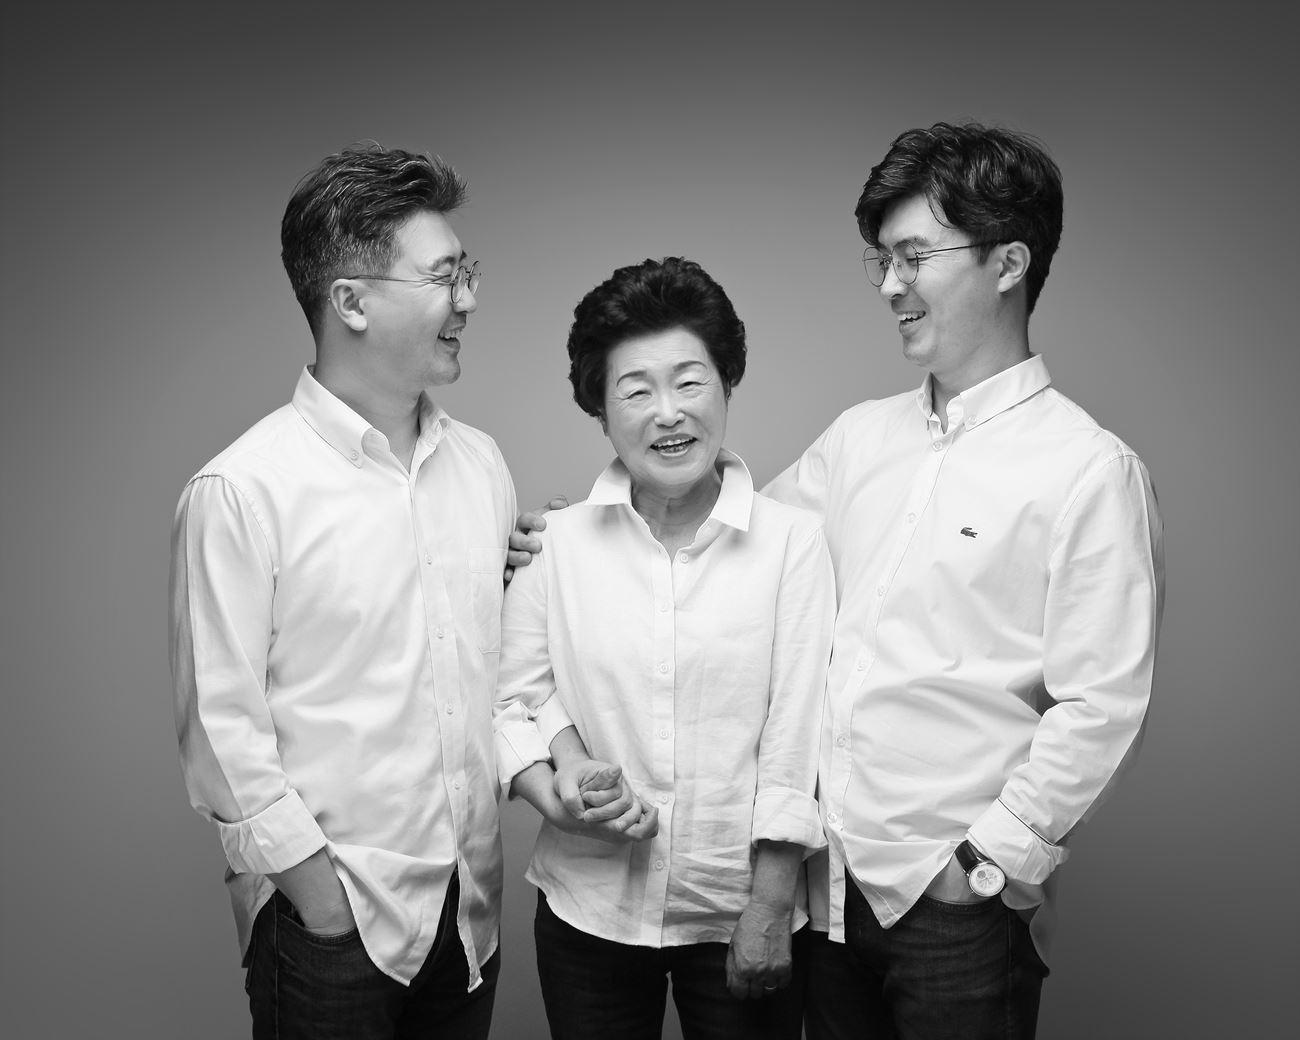 할머니와 아들들.jpg